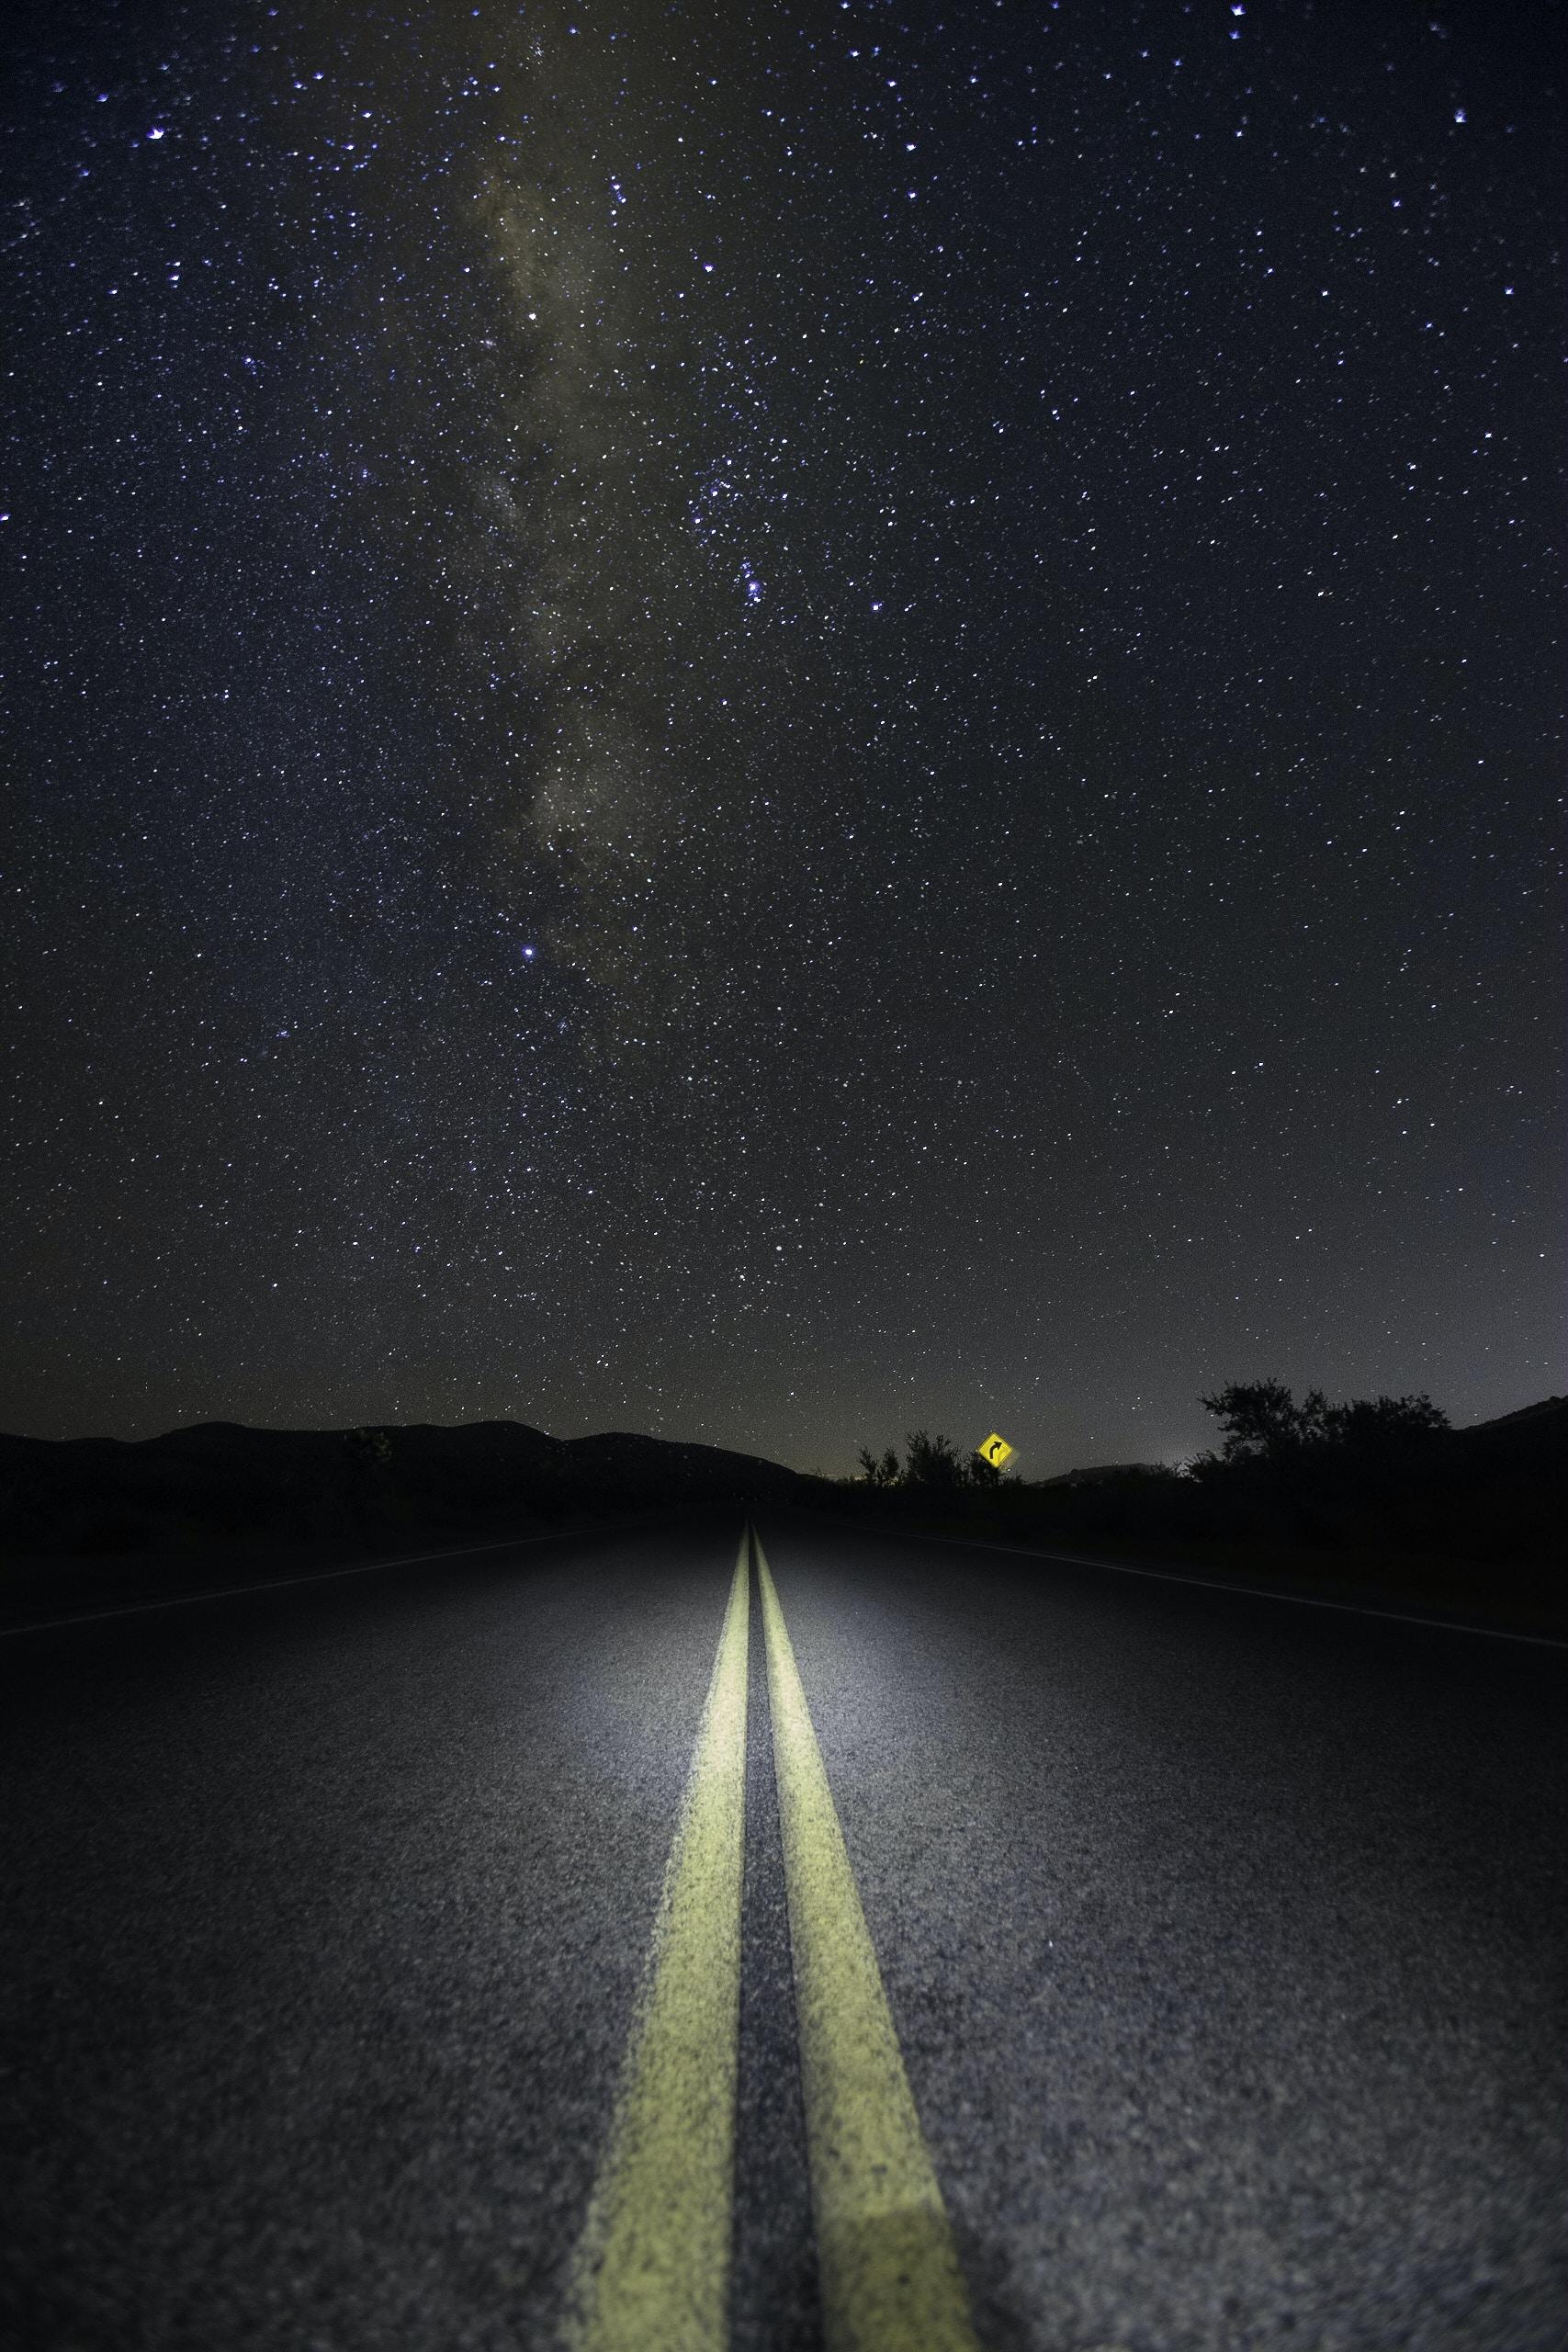 road under Milky Way Galaxy